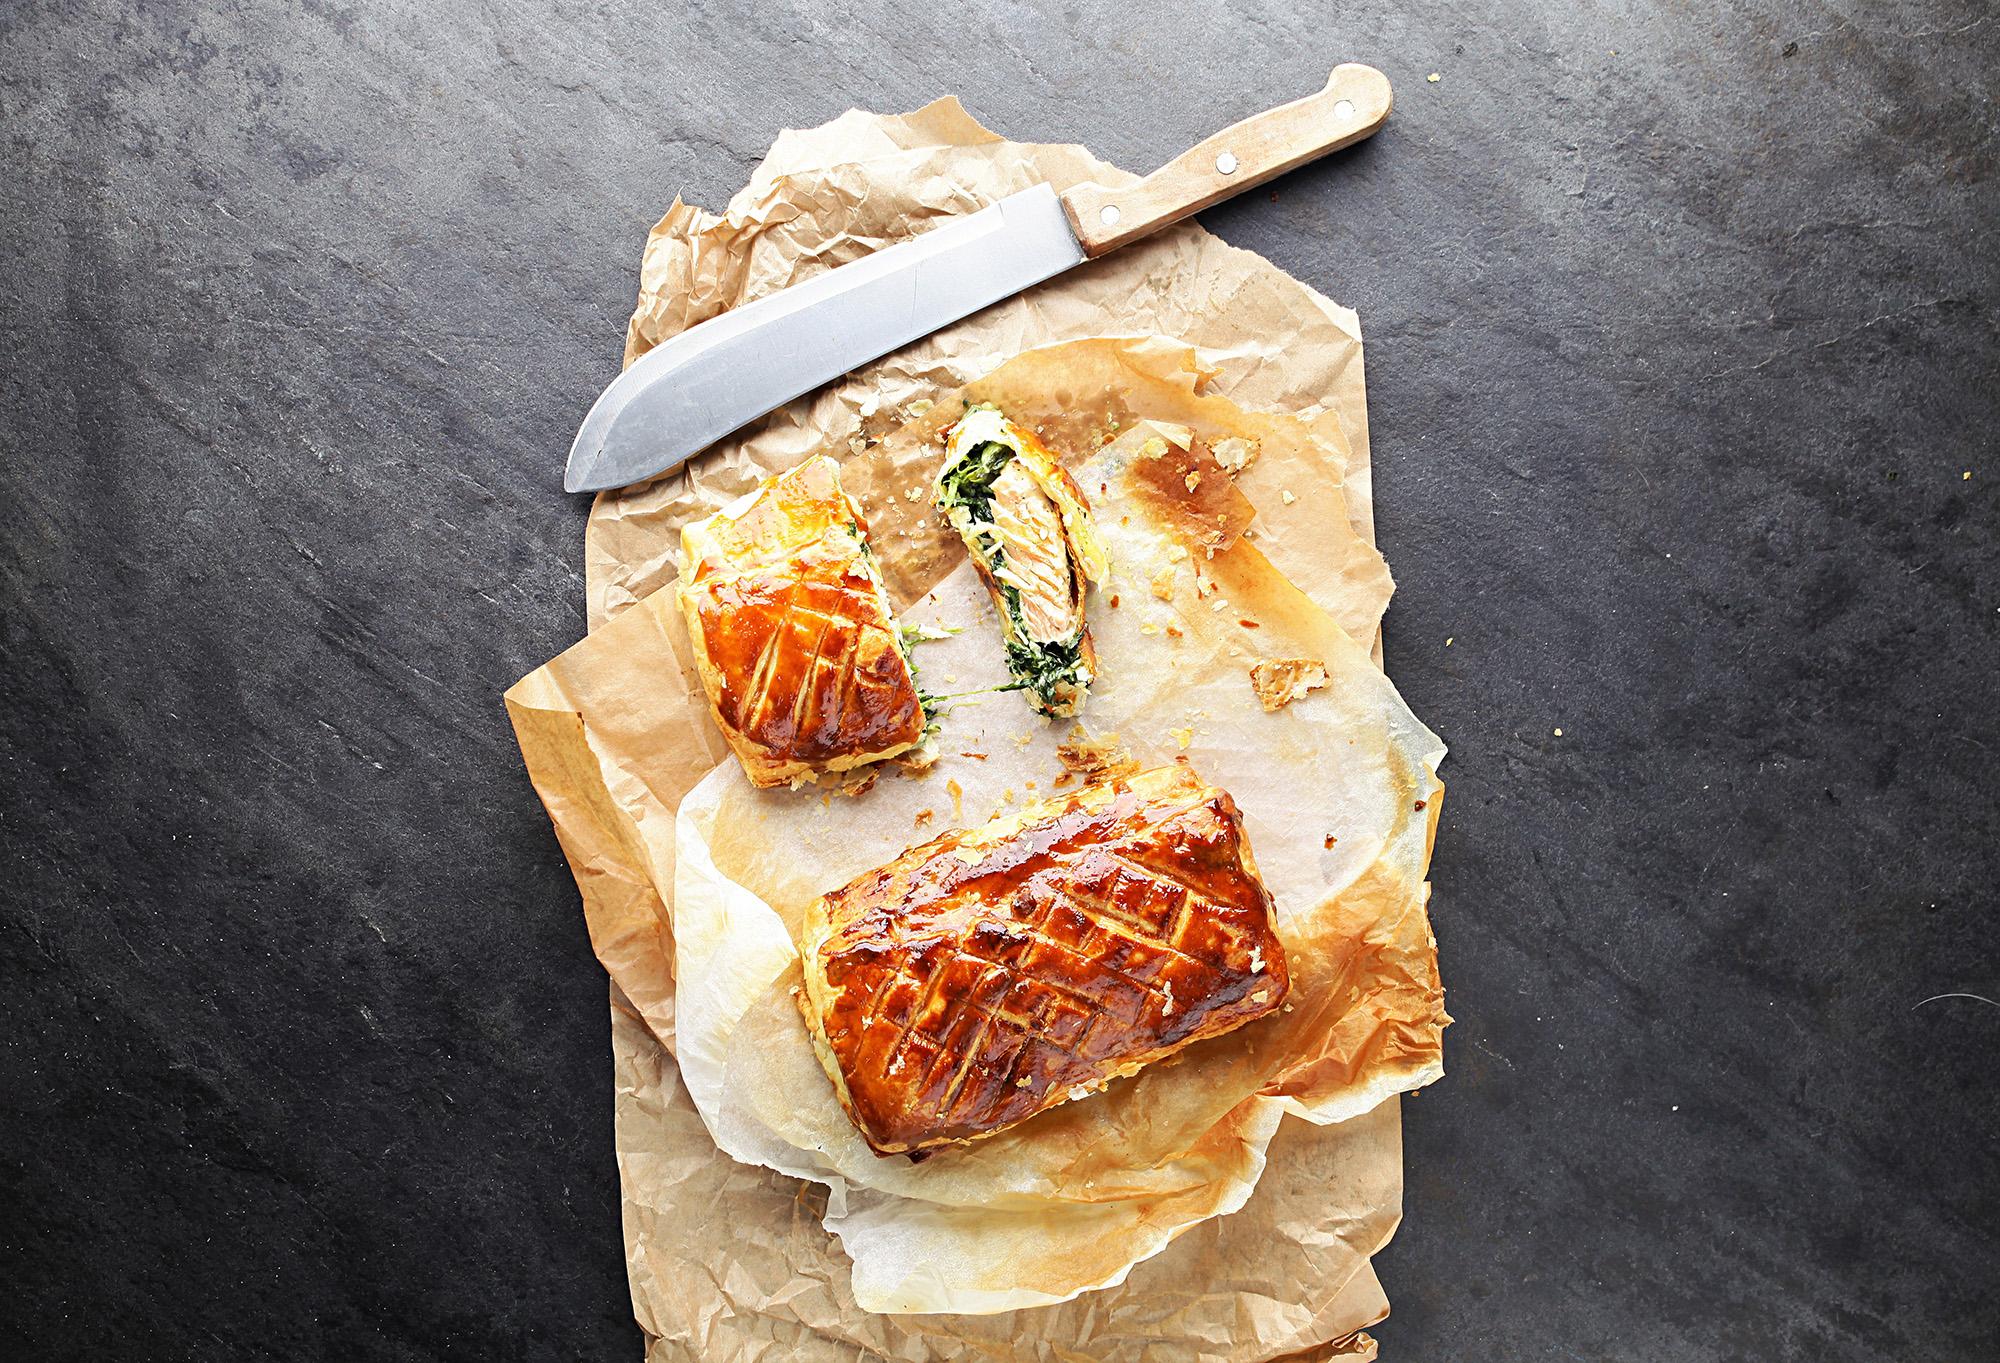 stylizacja i fotografia żywności